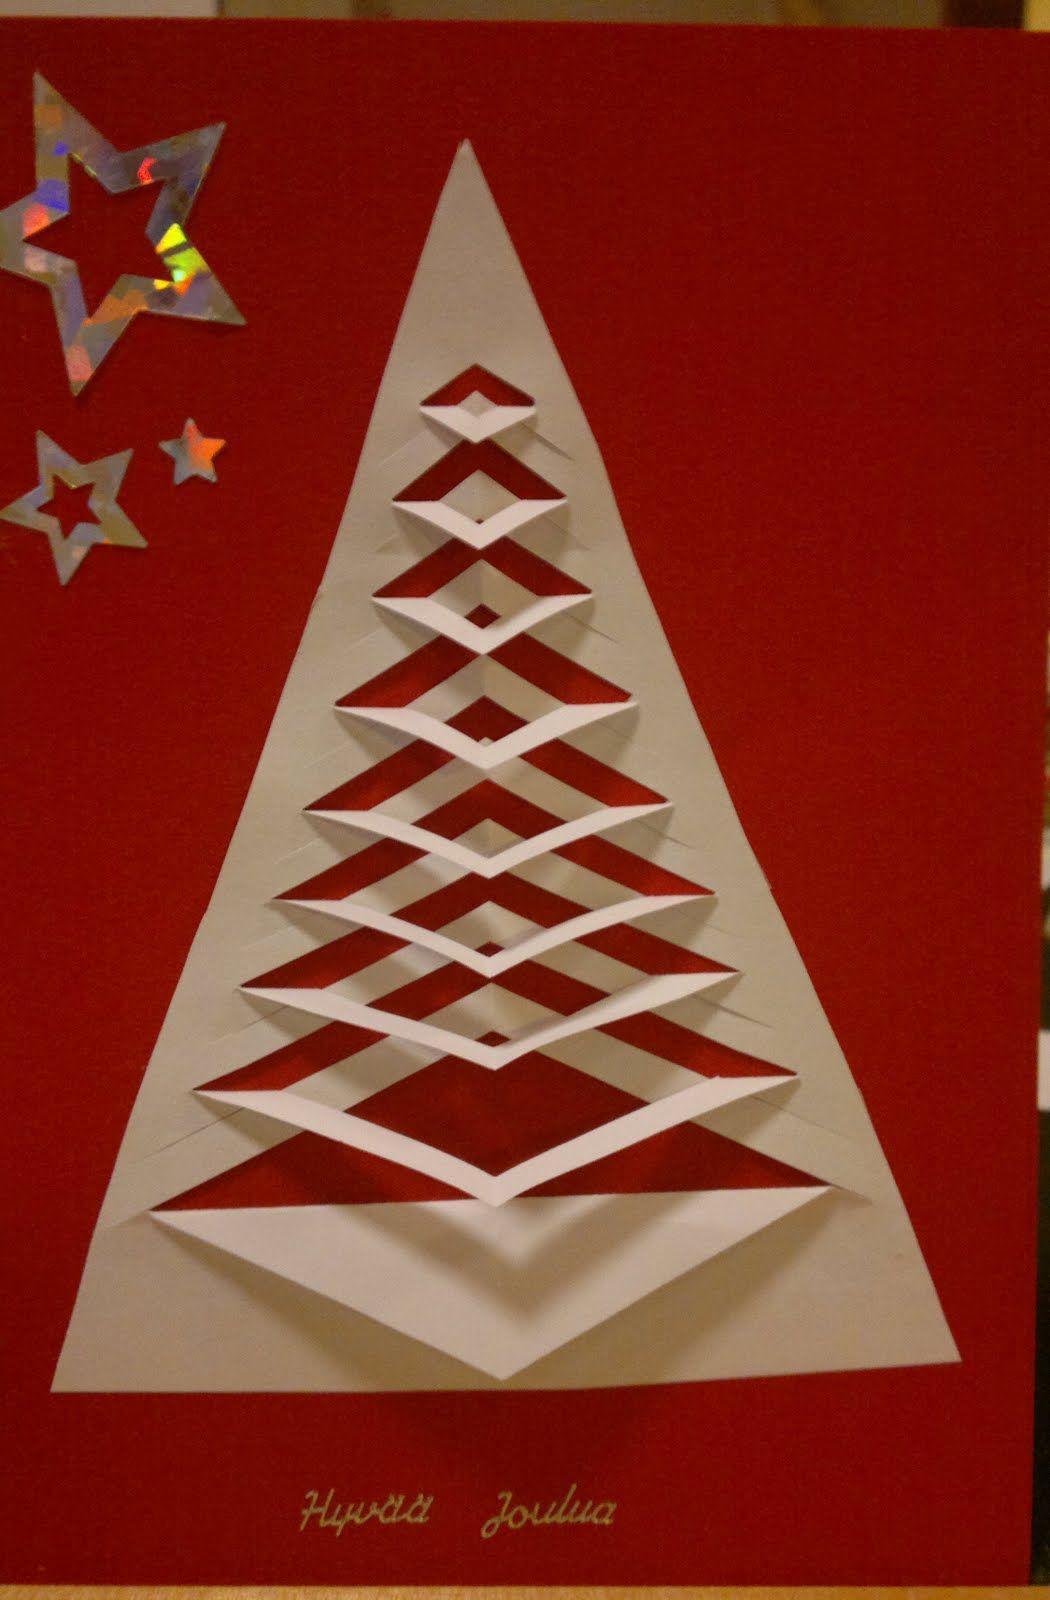 jouluaskartelu Kuvahaun tulos haulle jouluaskartelu | Joulukortit | Pinterest  jouluaskartelu